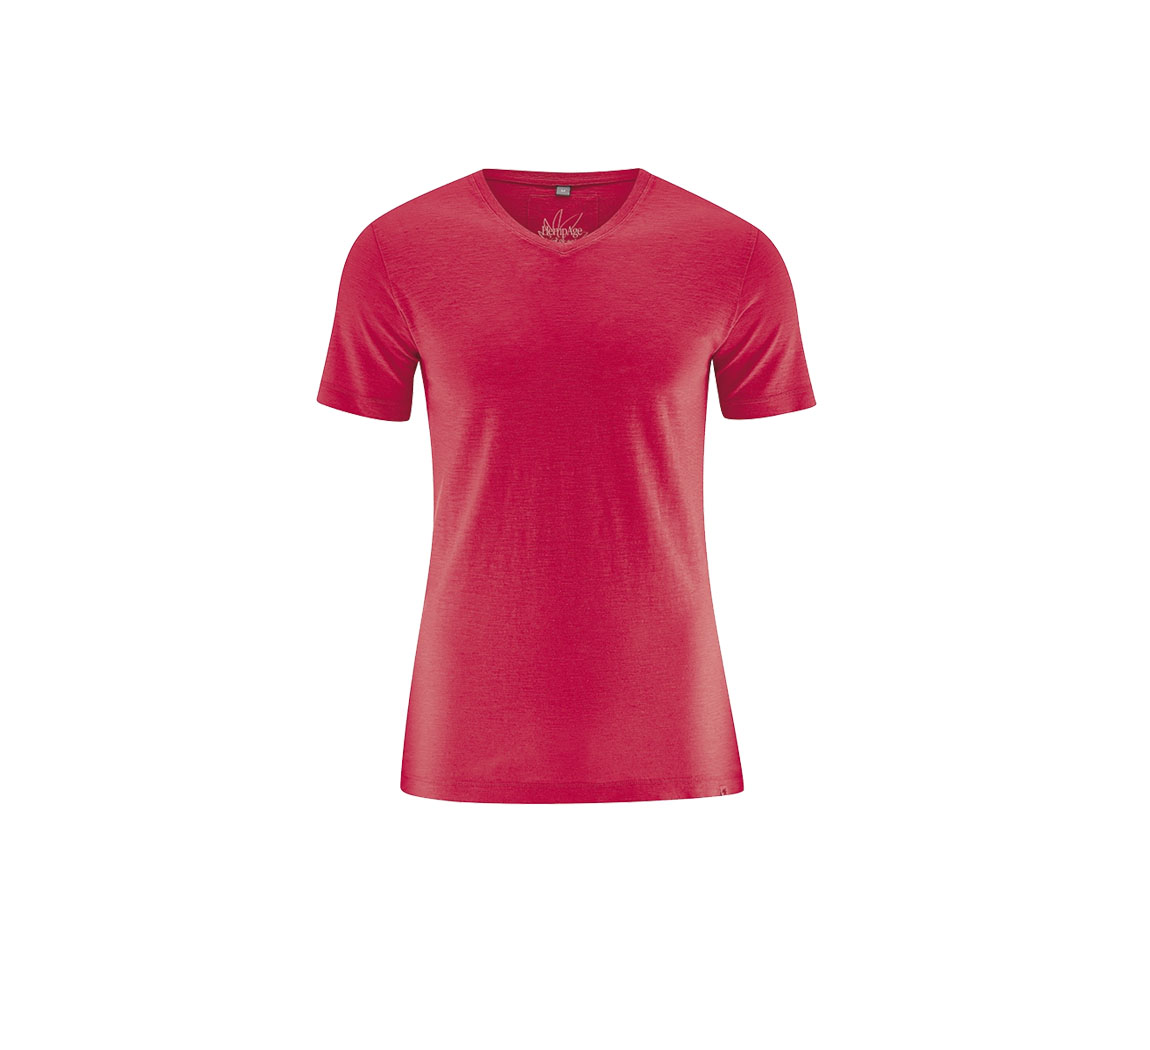 Vêtement homme V Shirt Vince